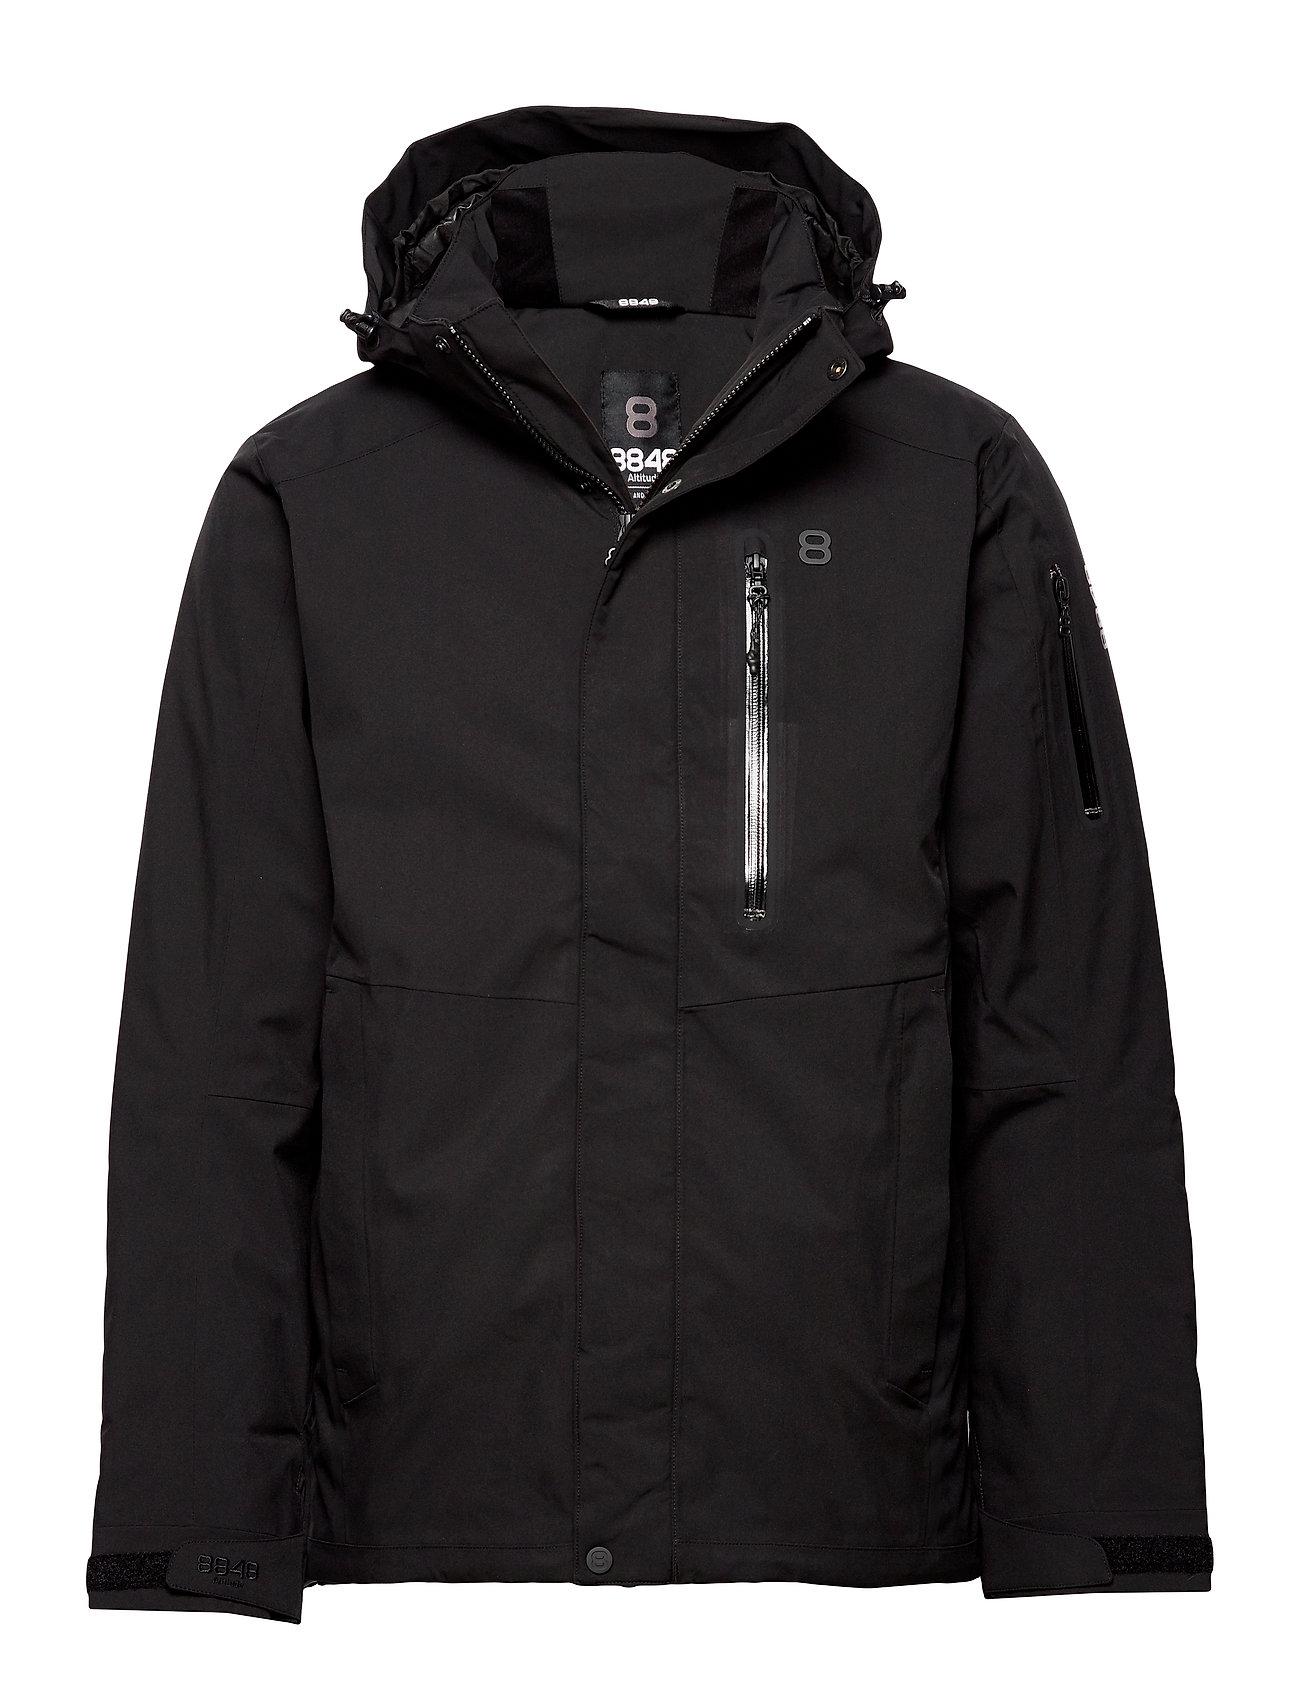 8848 Altitude Castor Jacket - BLACK